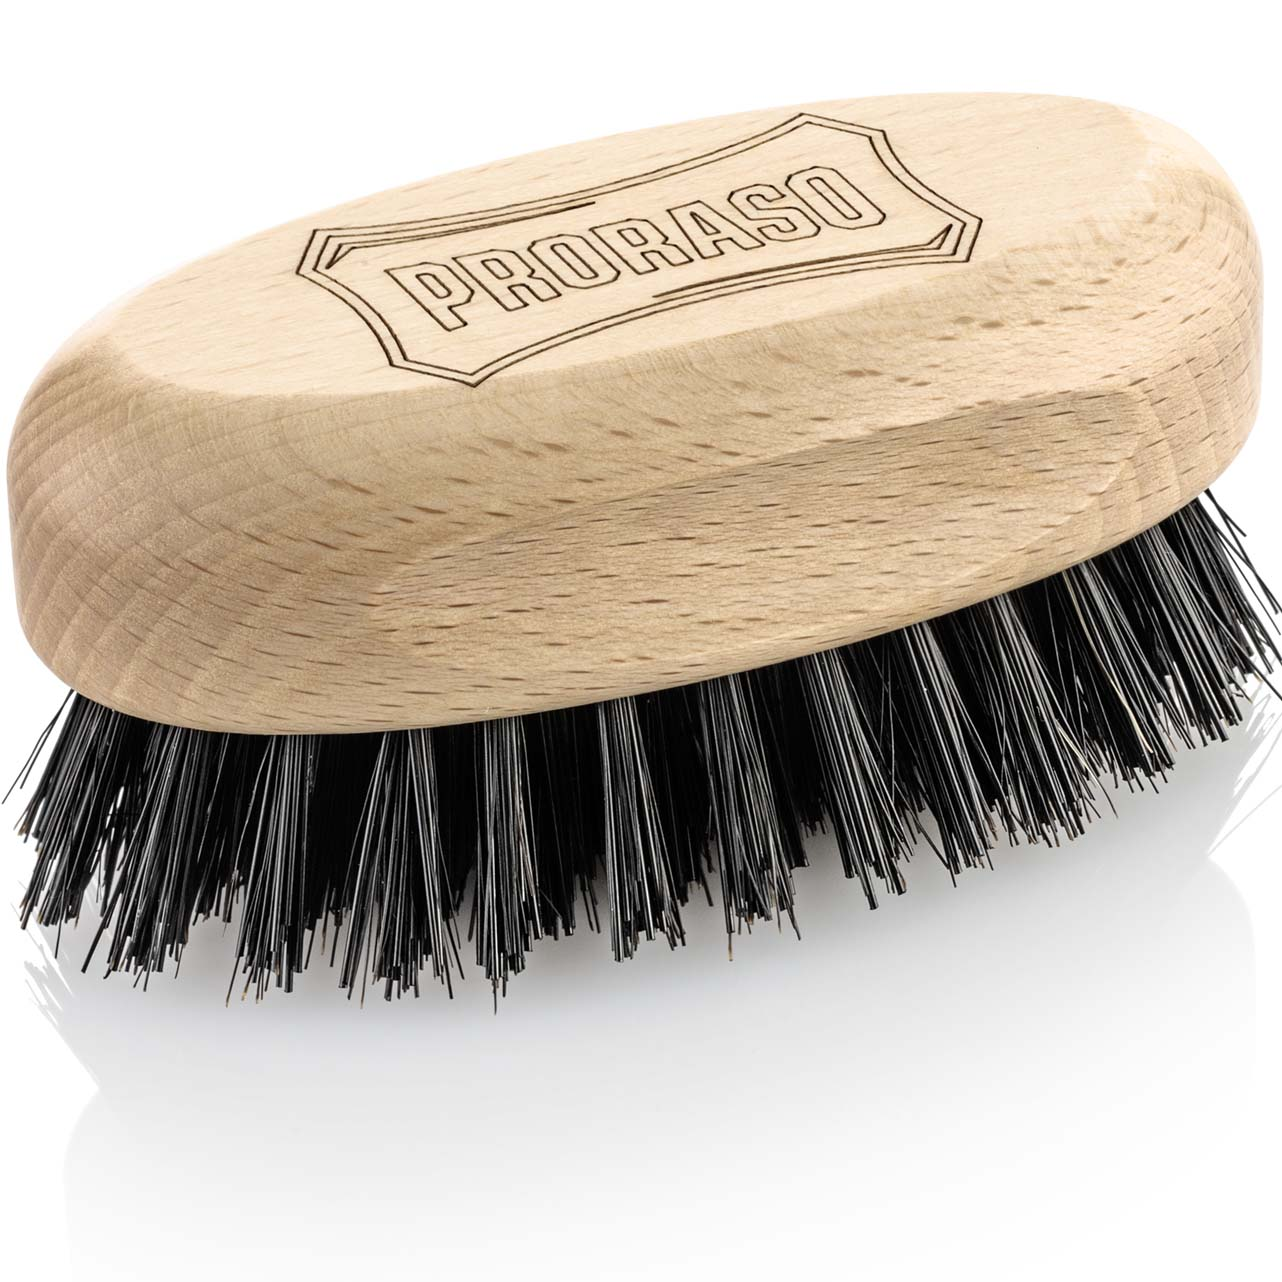 Brush for mustache